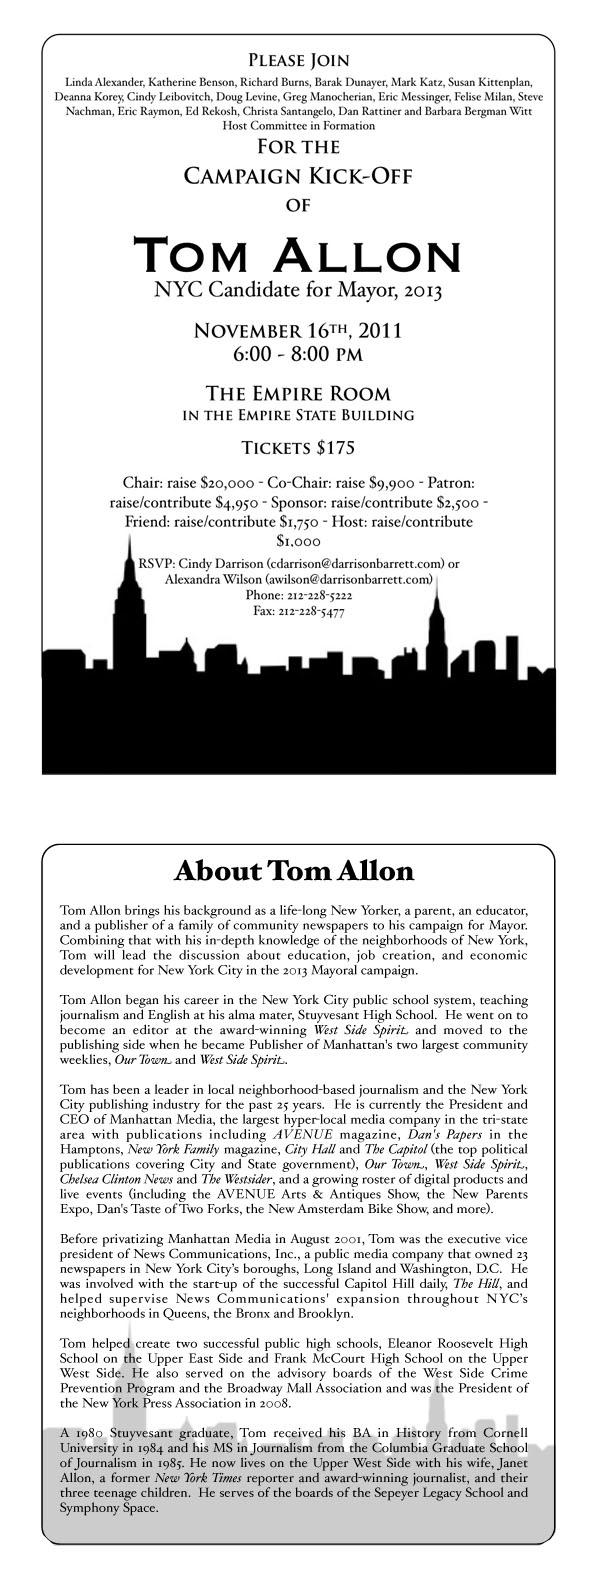 Tom Allons Campaign Kick-Off Invitation